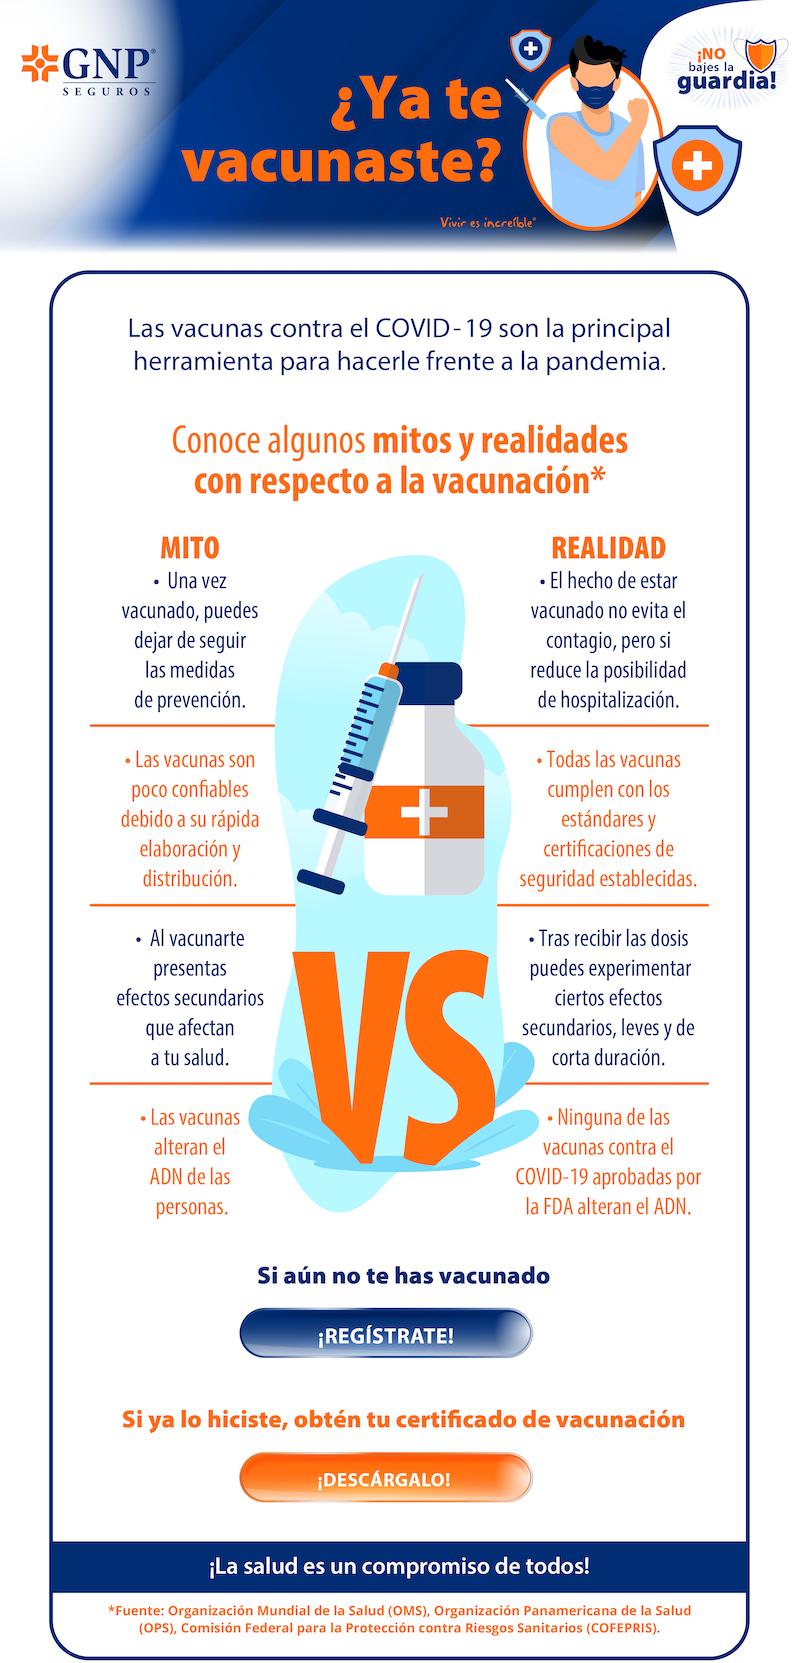 Mitos y realidades de la vacunación Covid-19